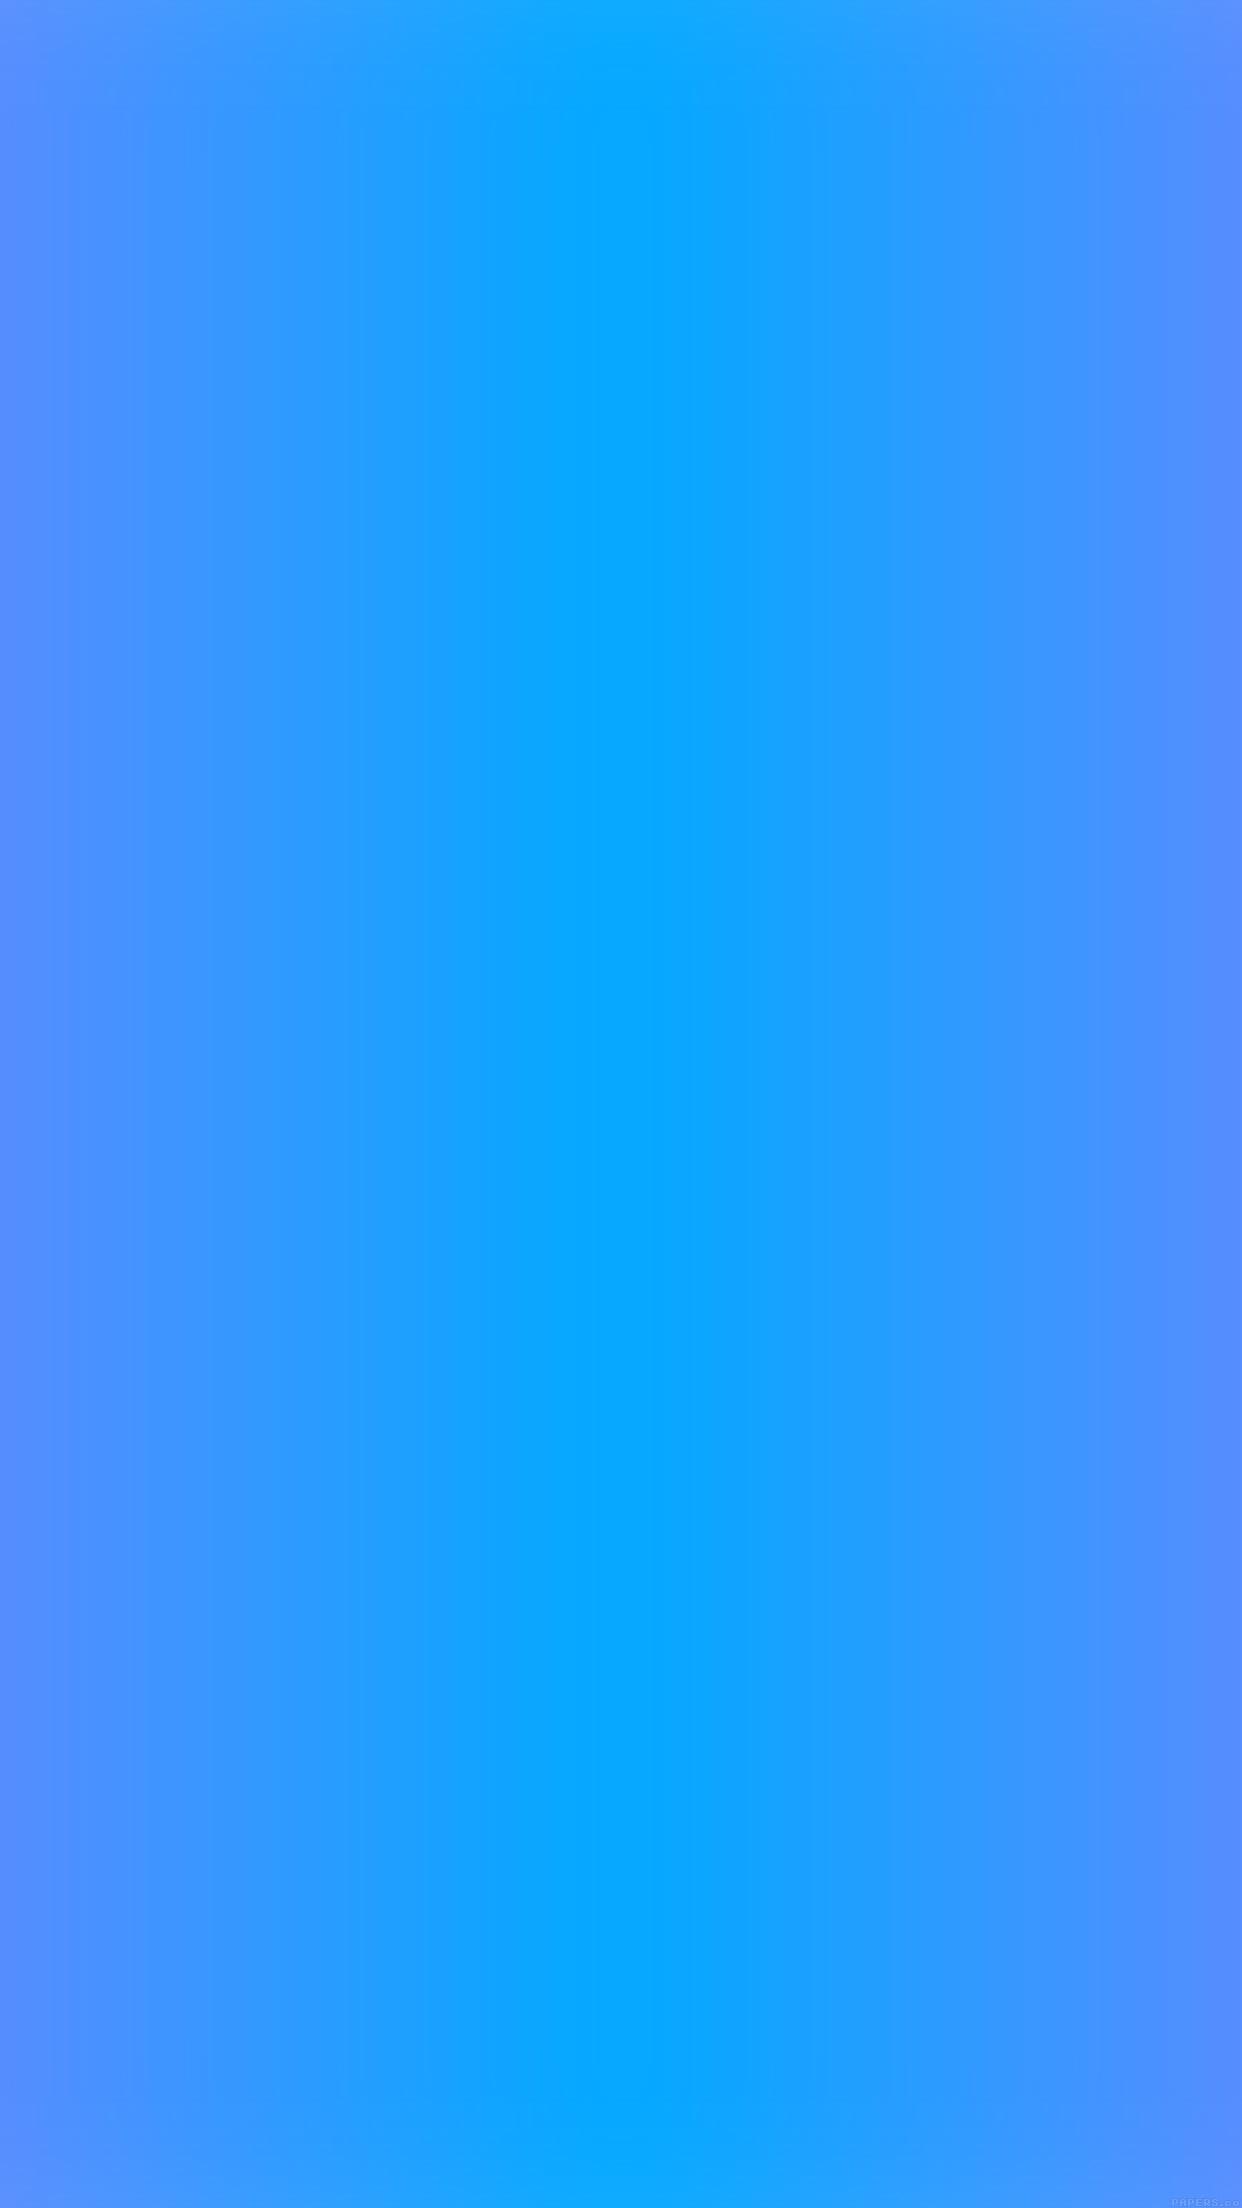 Iphonepapers Sd16 Los Angeles Bixel St Blur Gradient